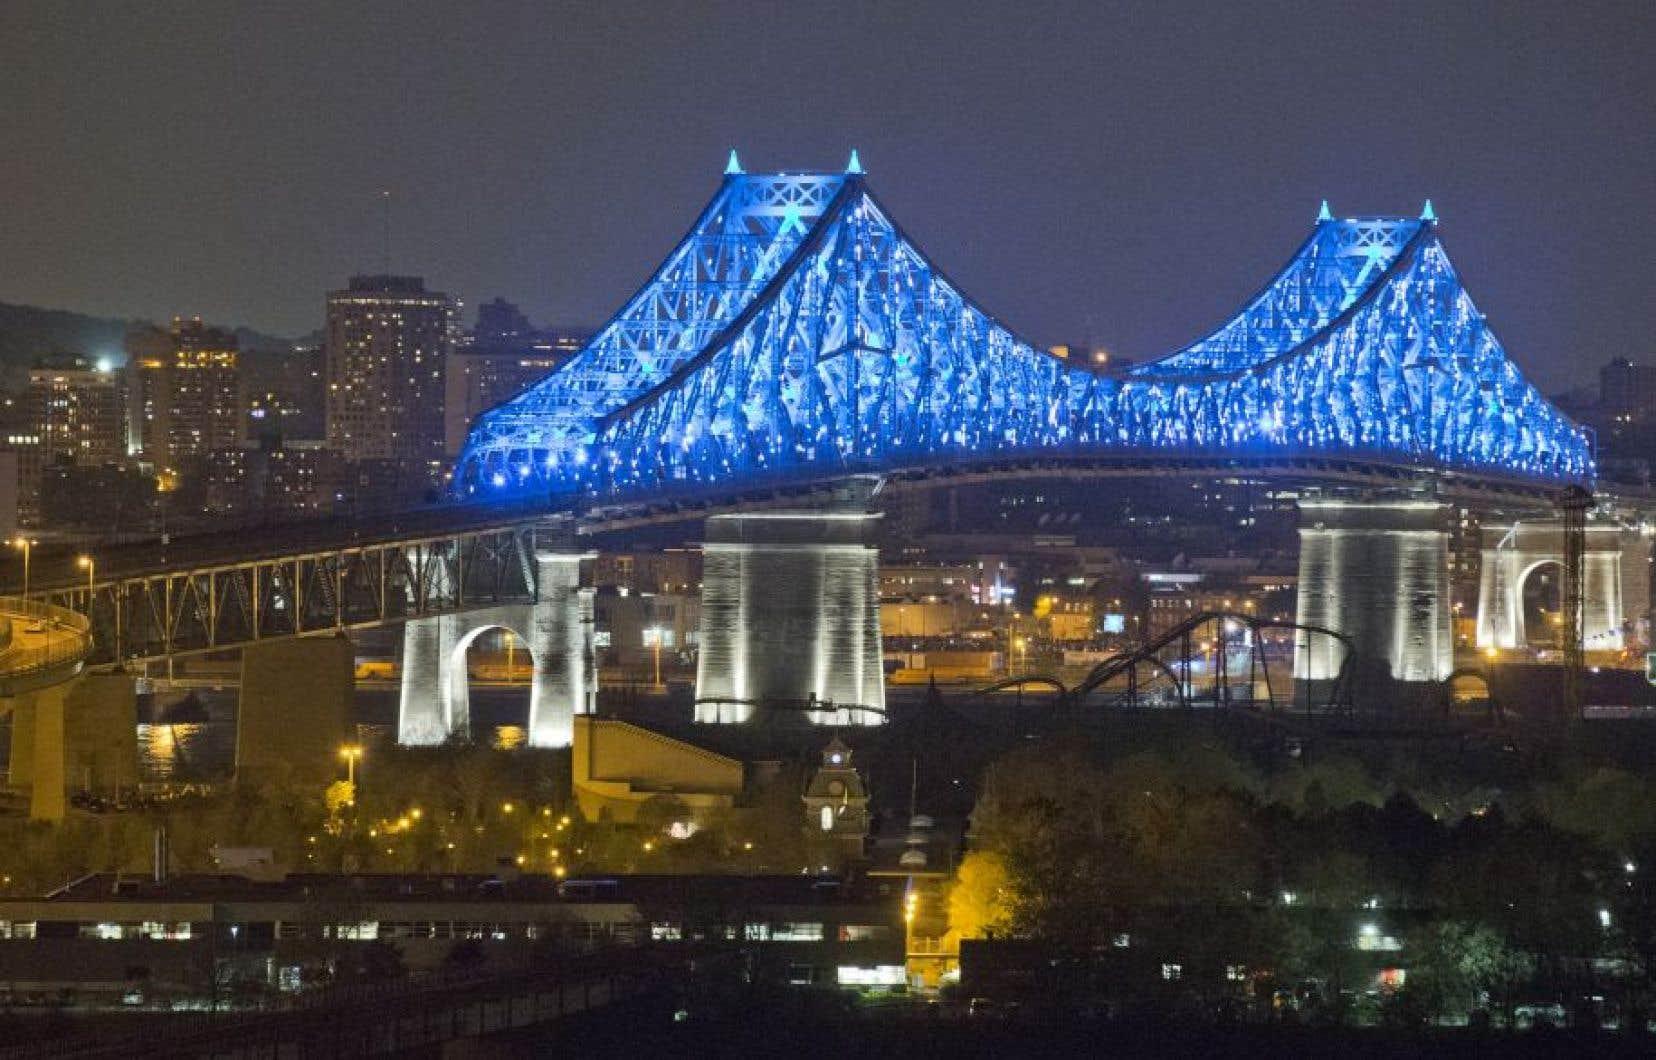 L'illumination du pont Jacques-Carier a attiré pas moins de 575000 personnes en deux soirs.